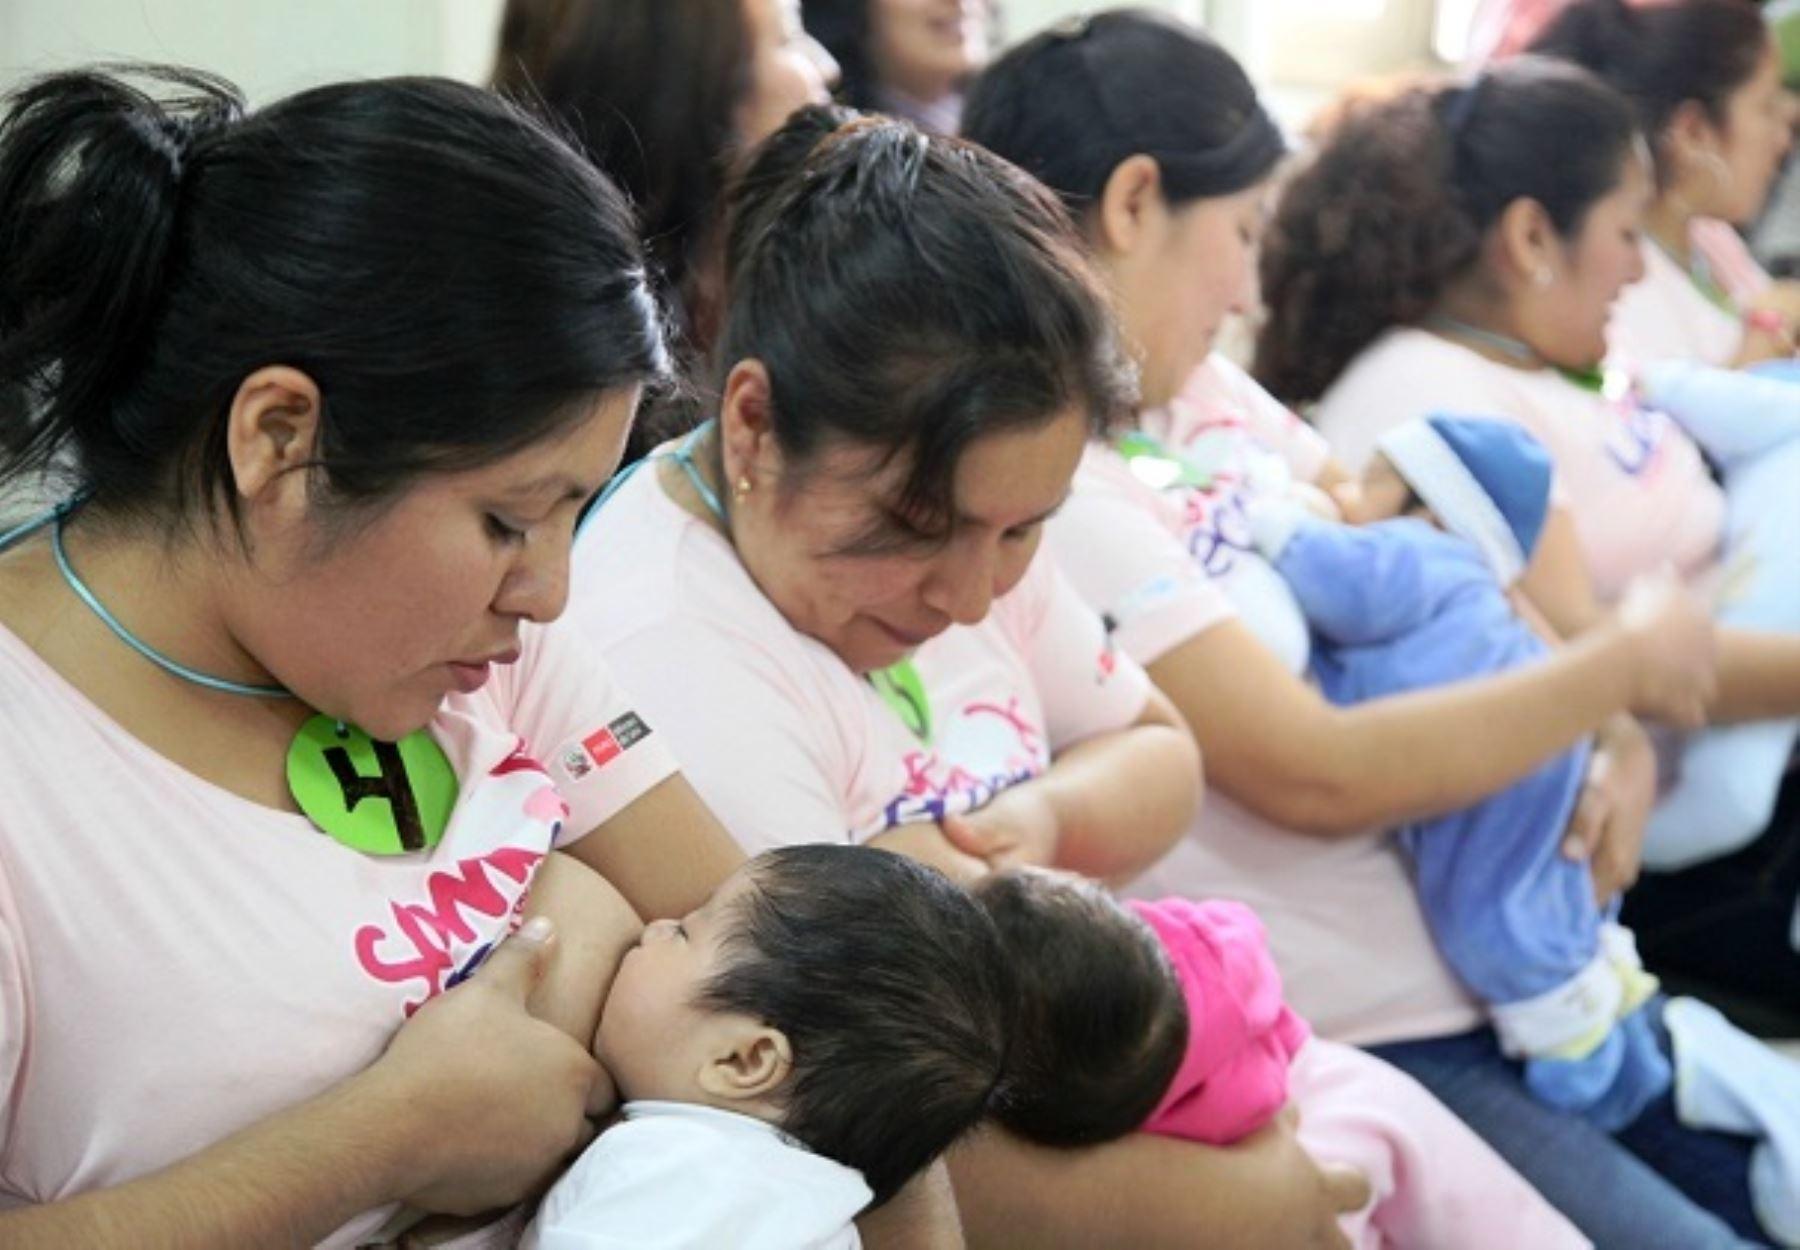 La leche materna no solo tiene beneficios de salud y físicos, también emocionales para los bebés. ANDINA/Difusión